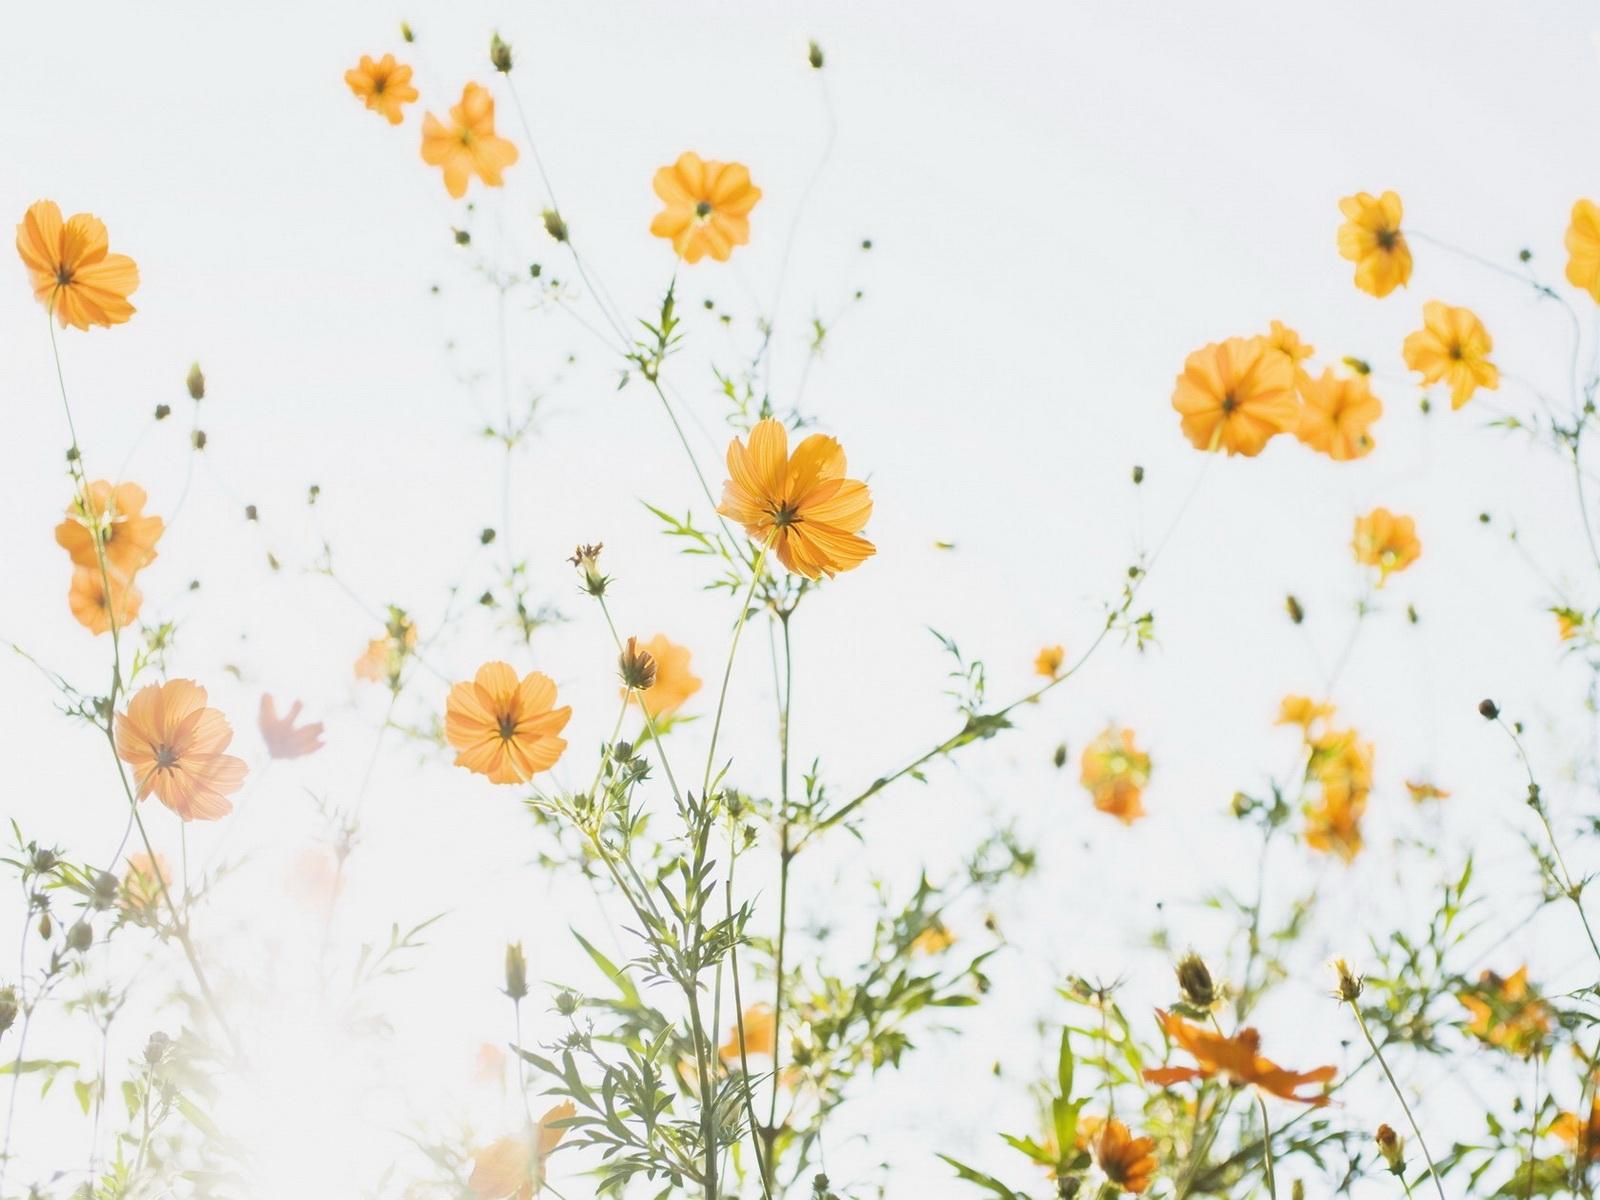 1074 скачать Белые обои на телефон бесплатно, Растения, Цветы Белые картинки и заставки на мобильный